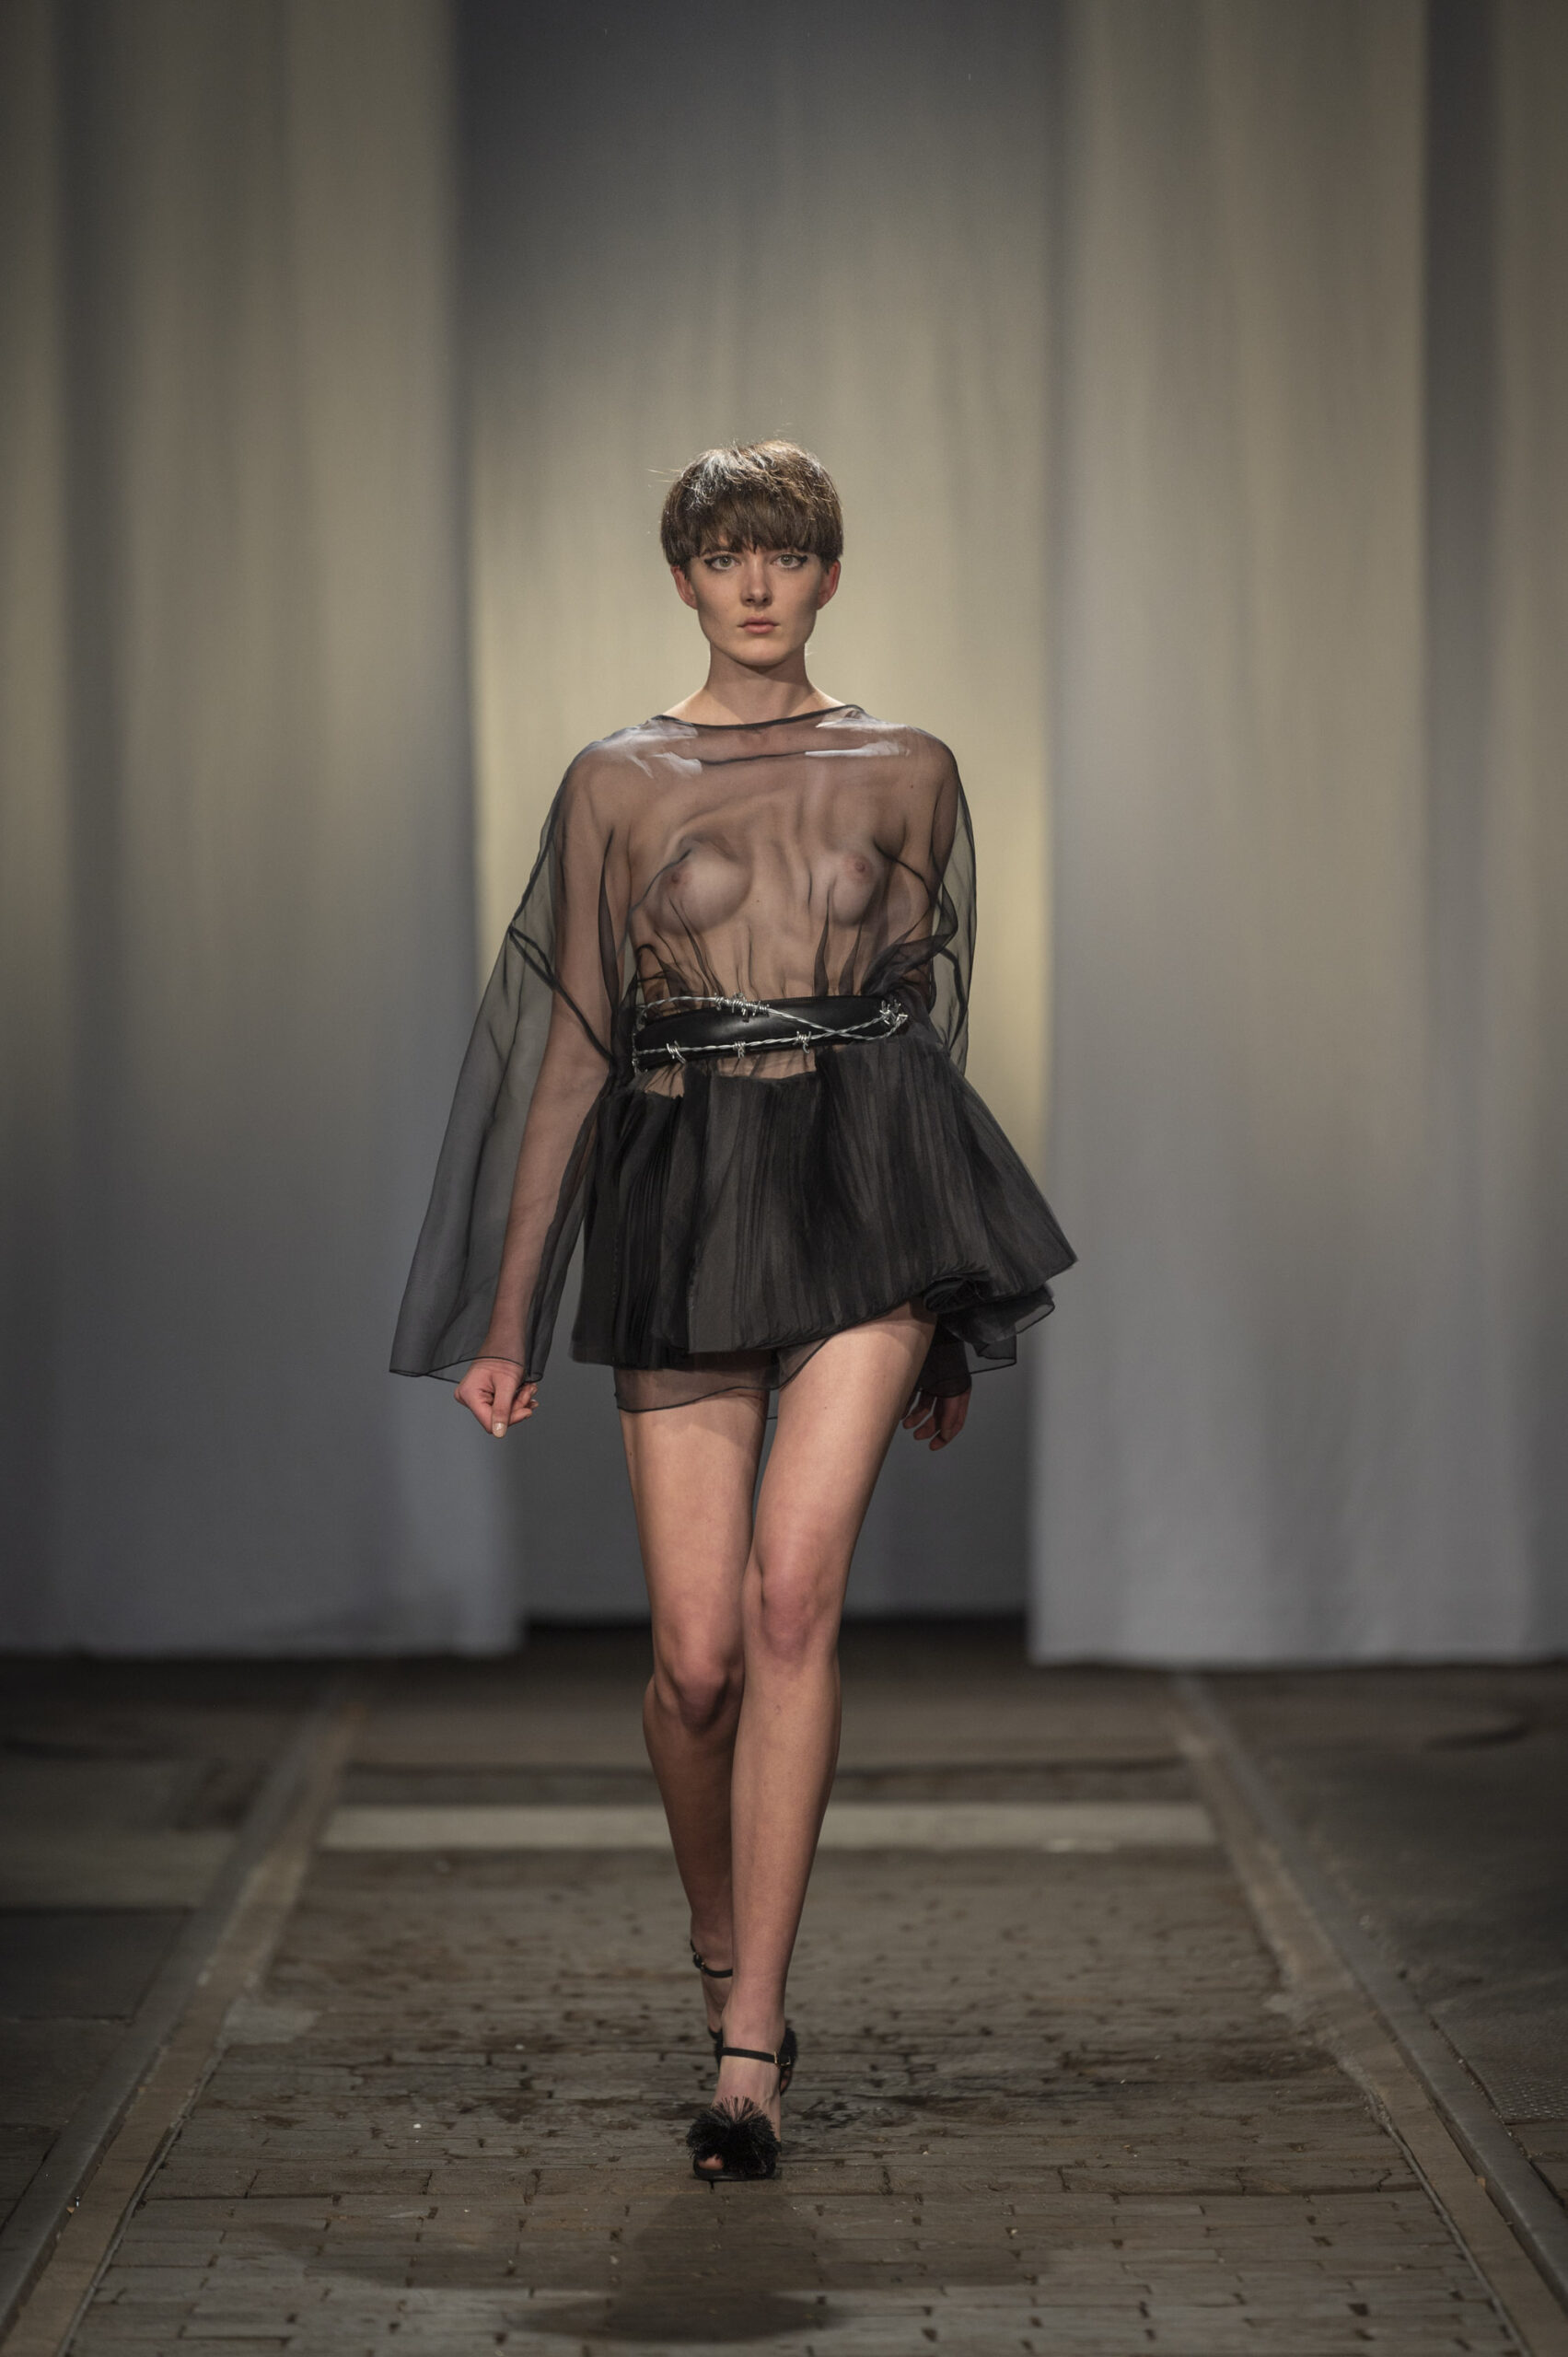 all clothing. amorphose